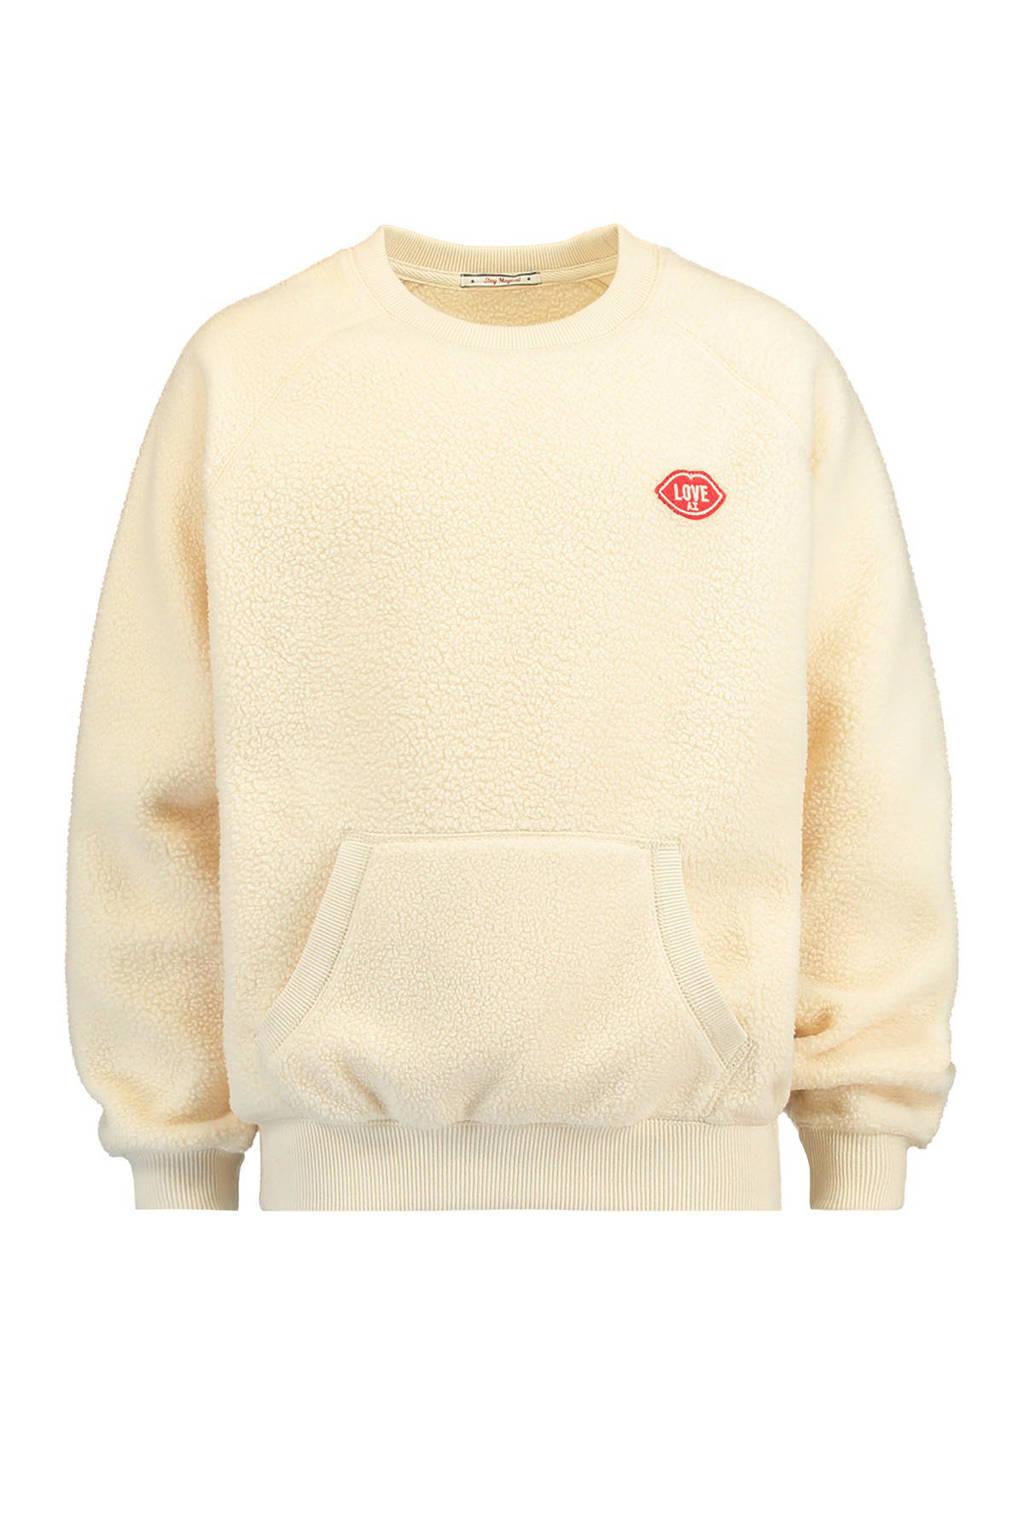 America Today Junior teddy sweater ecru, Ecru